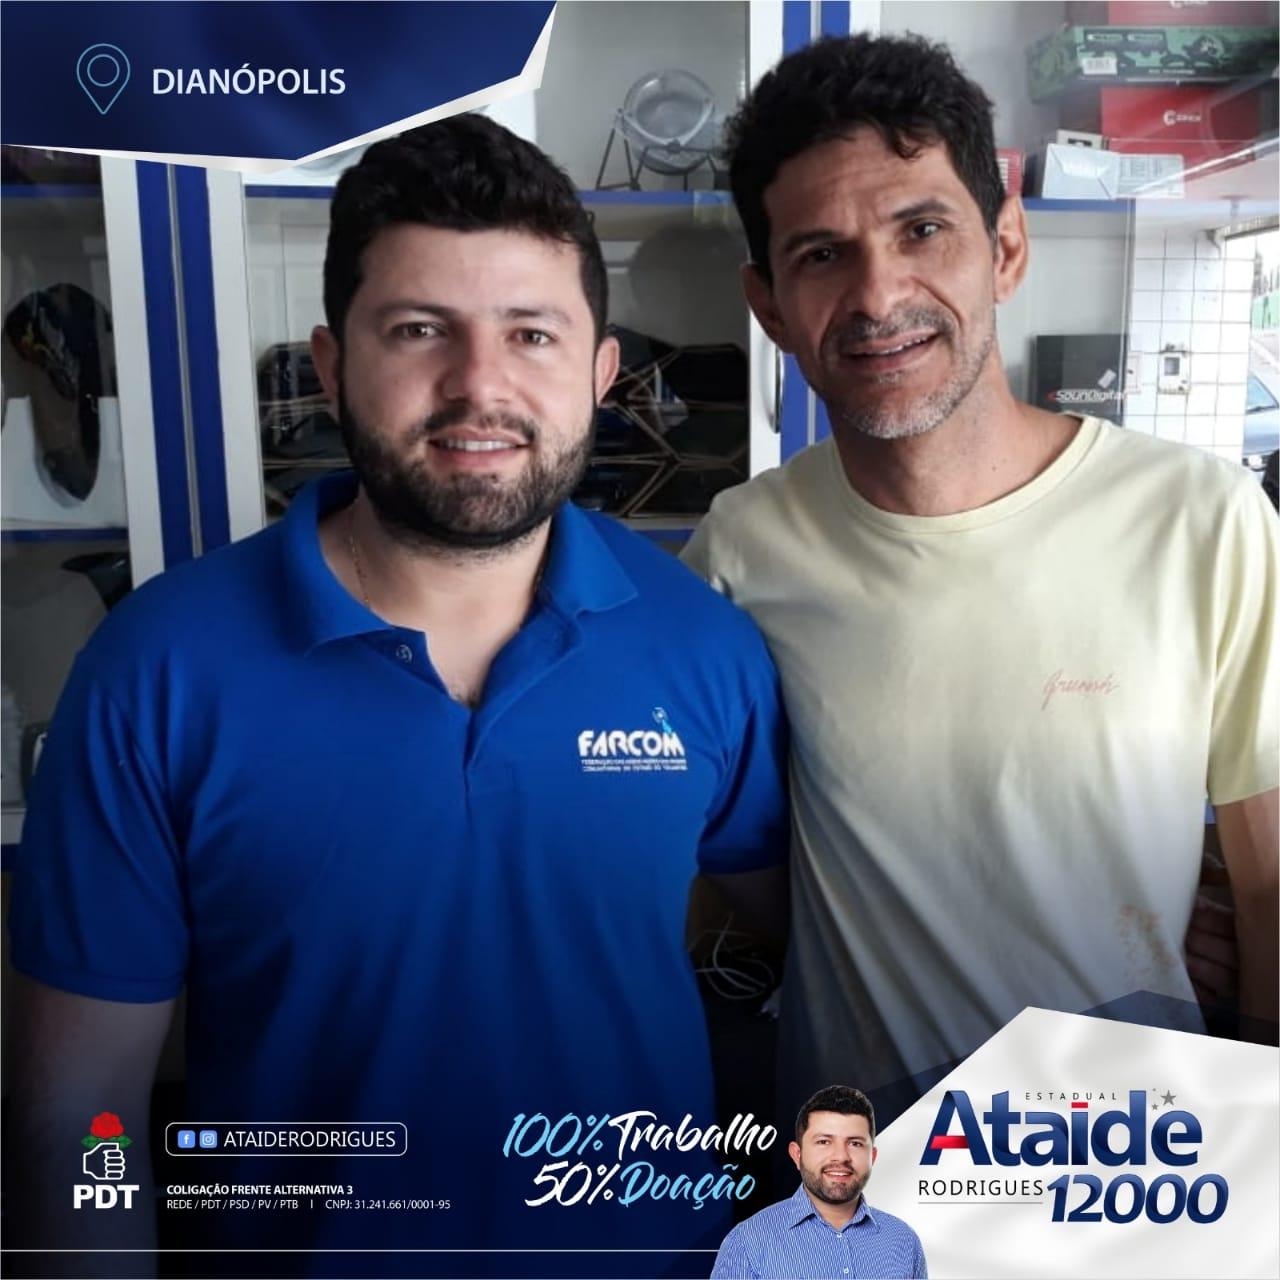 Após registro de candidatura, vereador Ataíde Rodrigues inicia campanha para deputado estadual